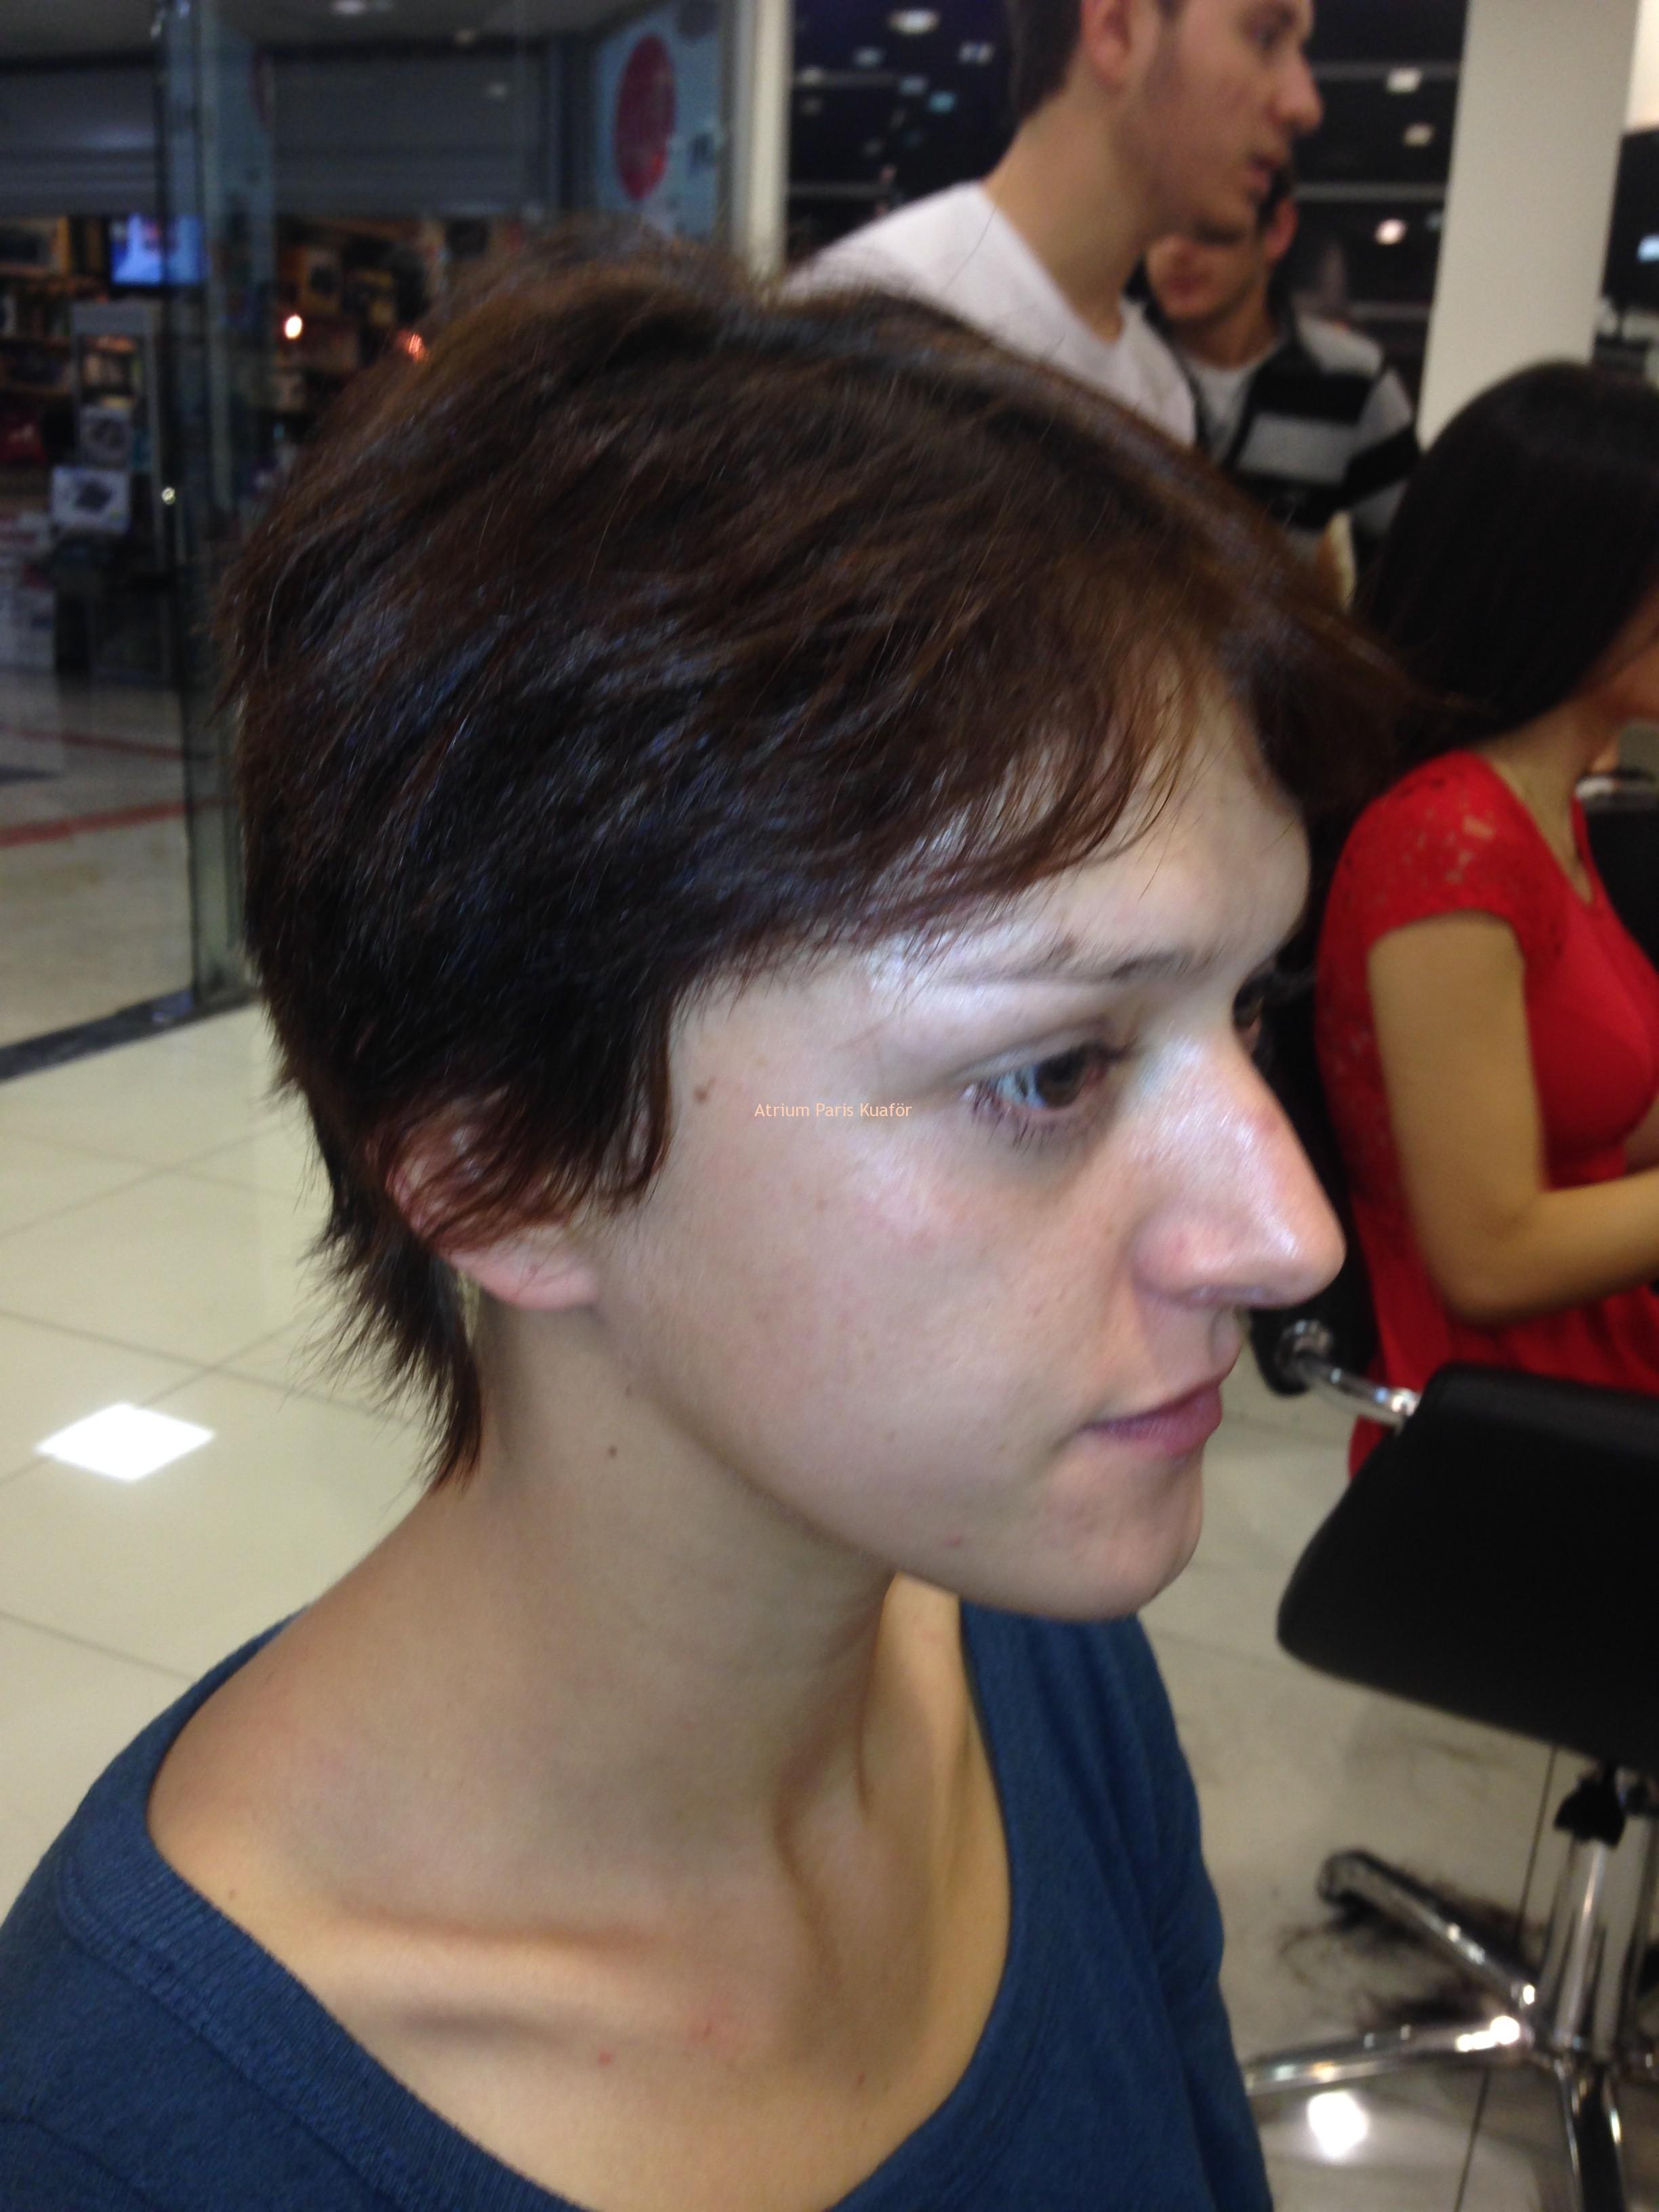 mikro kaynak saç modeli